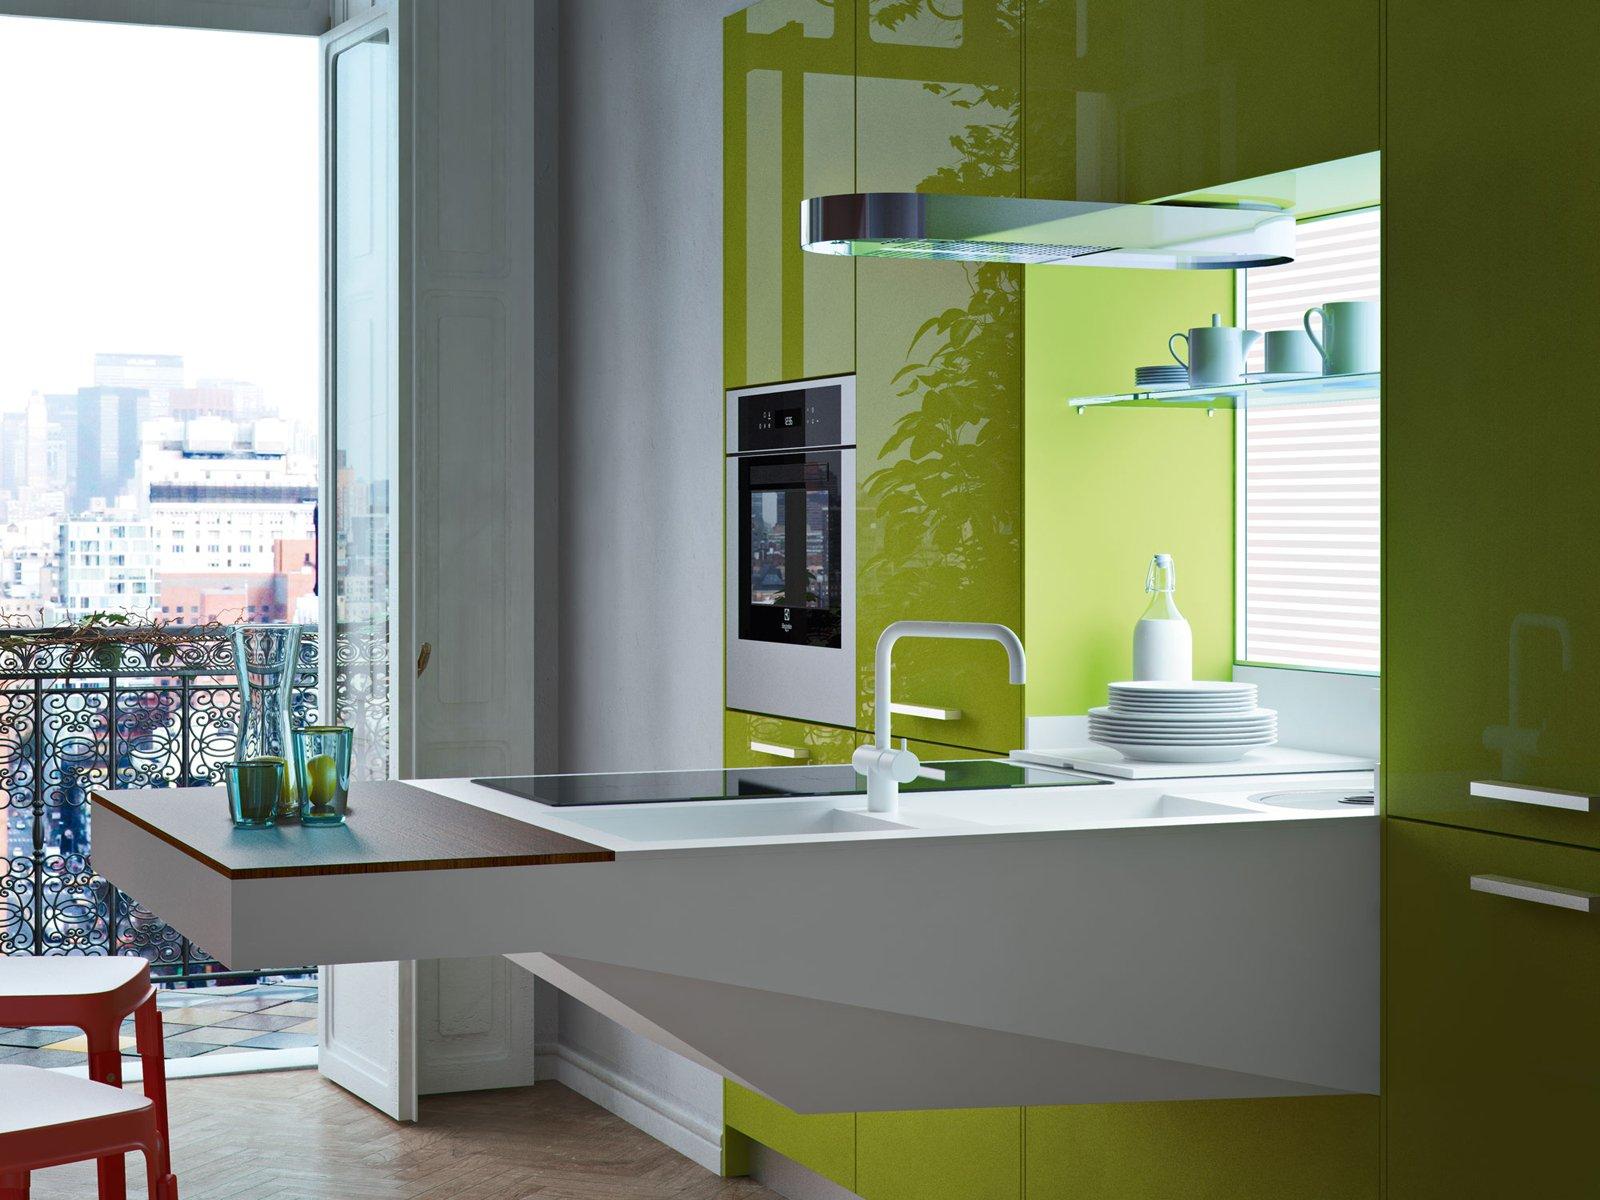 Cucine Moderne In Poco Spazio.Cucine Con Penisola Cose Di Casa